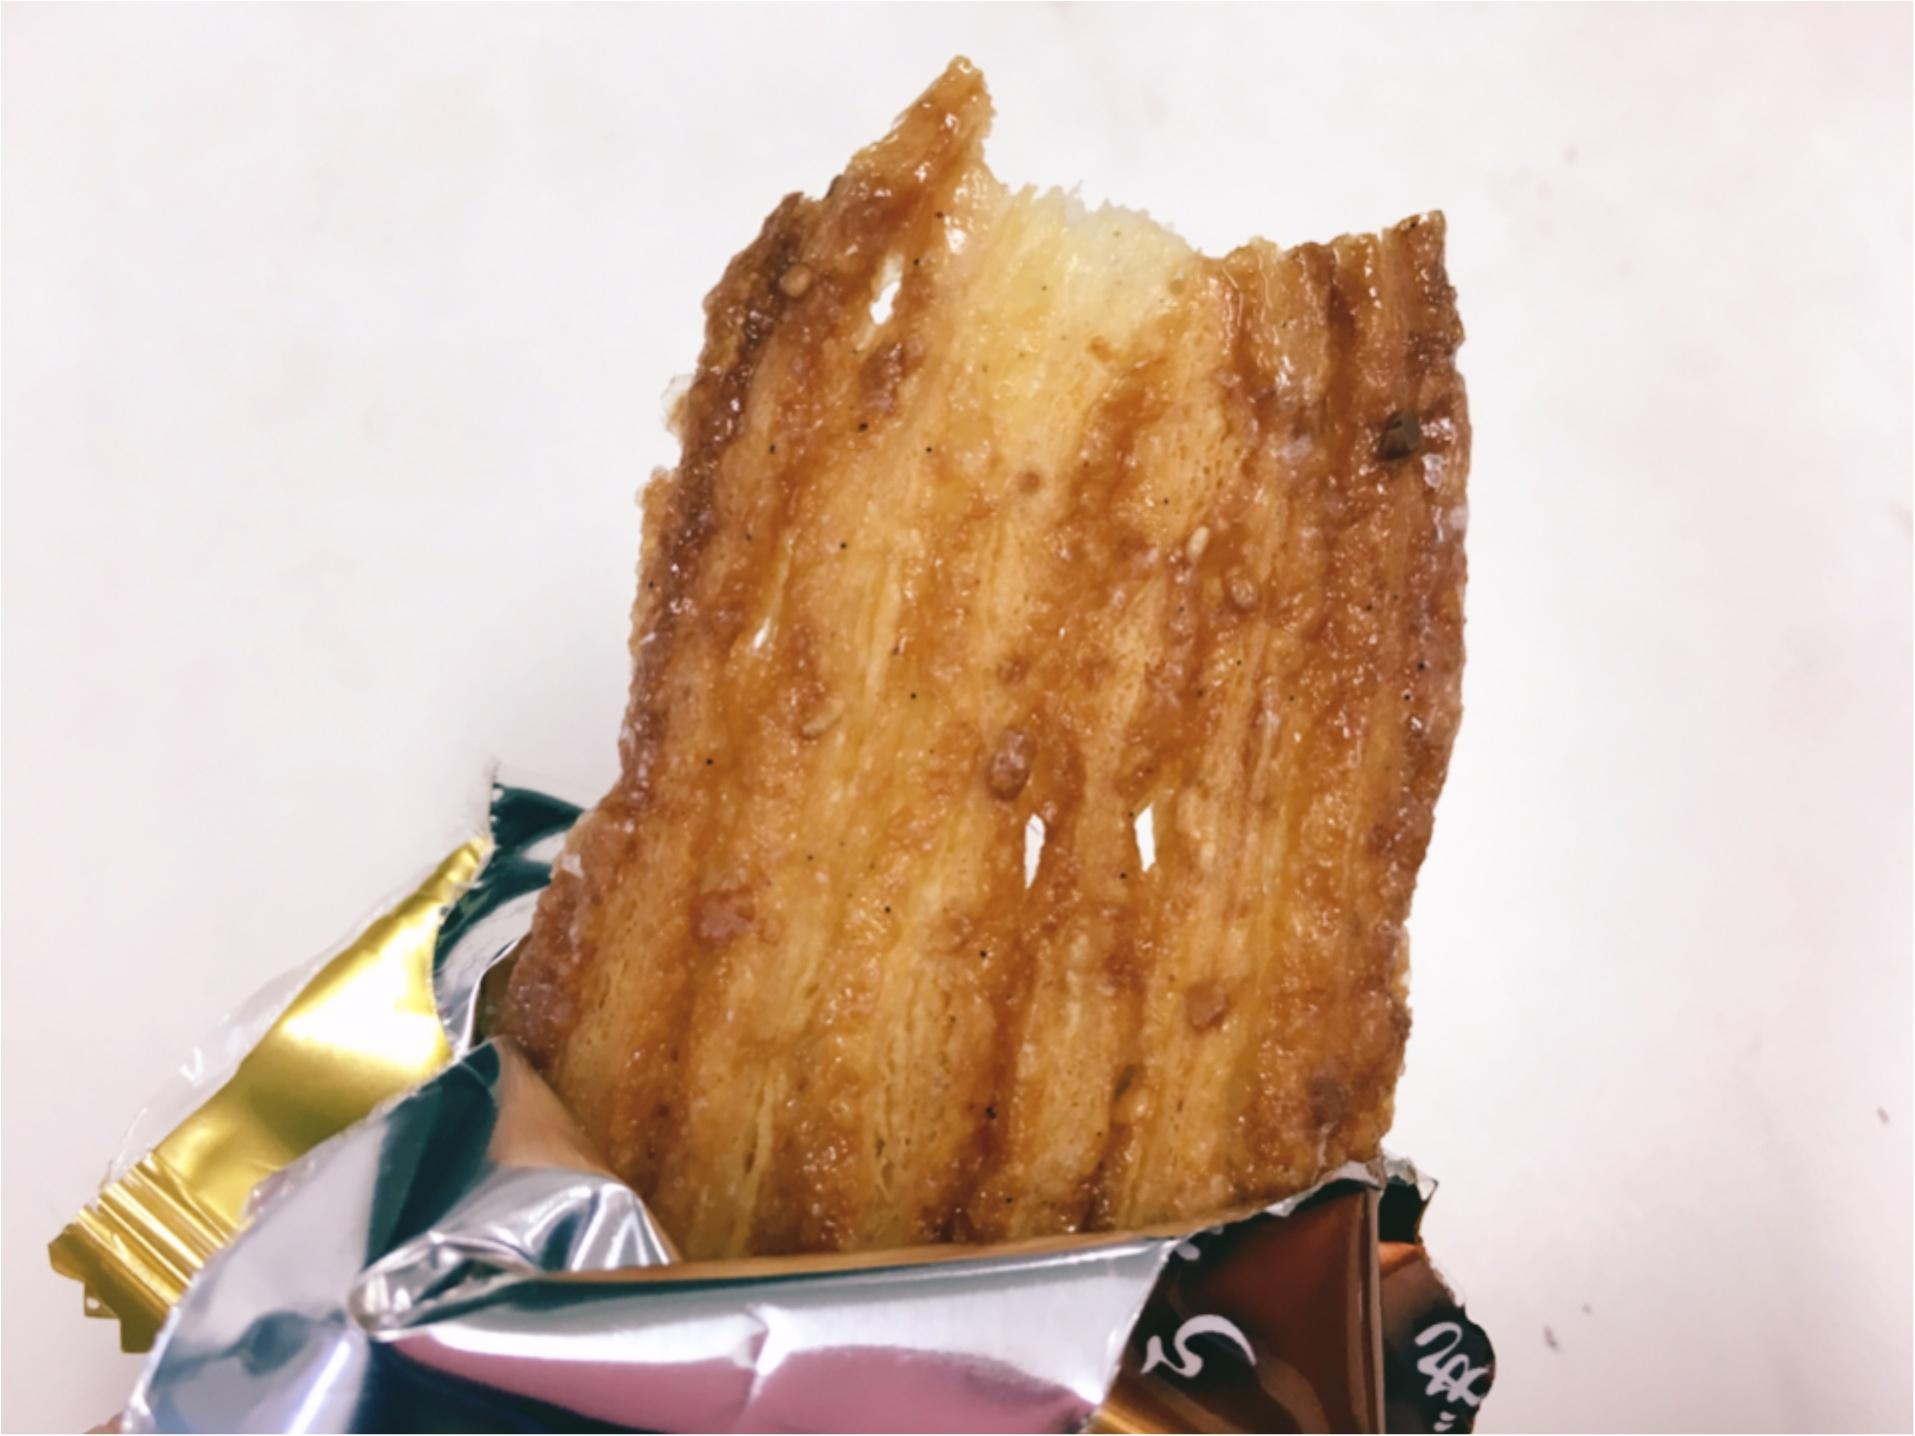 静岡★高級「うなぎパイ」は大人の楽しみ!?真夜中のお菓子いただいちゃいました!_2